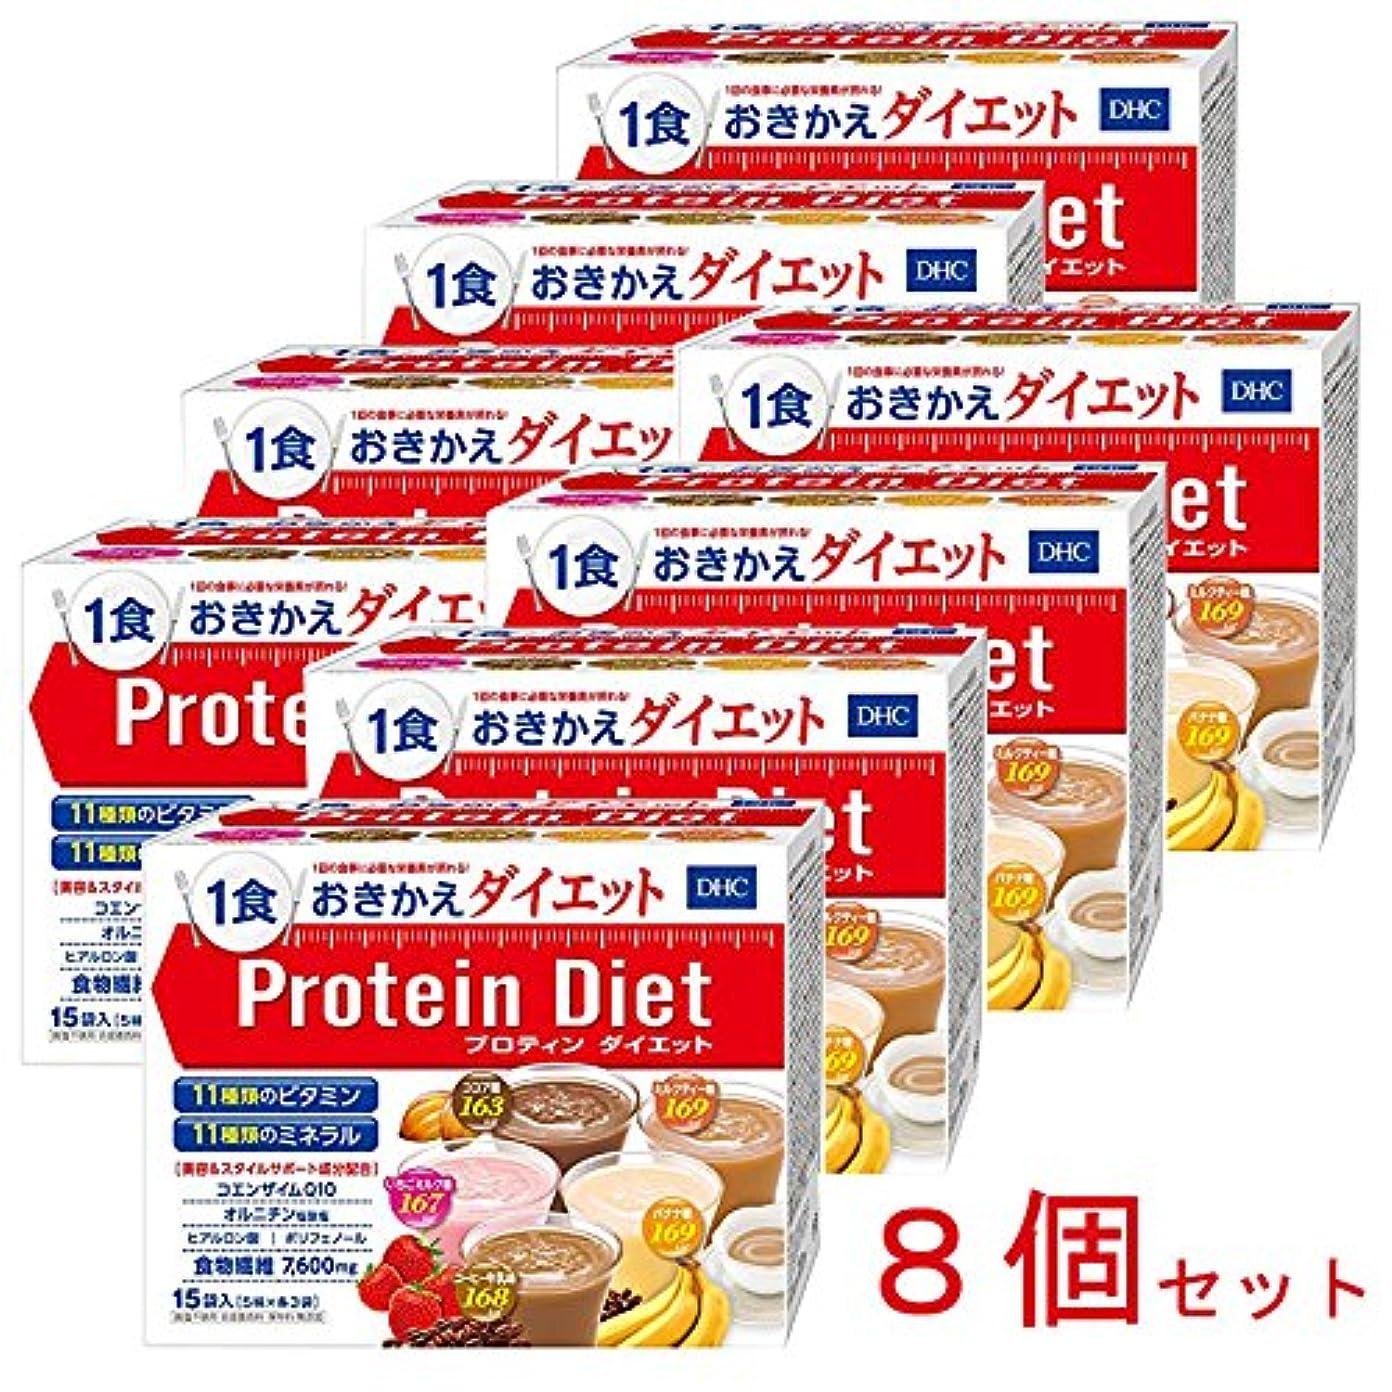 降伏共同選択化粧DHC プロティンダイエット 1箱15袋入 8箱セット 1食169kcal以下&栄養バッチリ! リニューアル